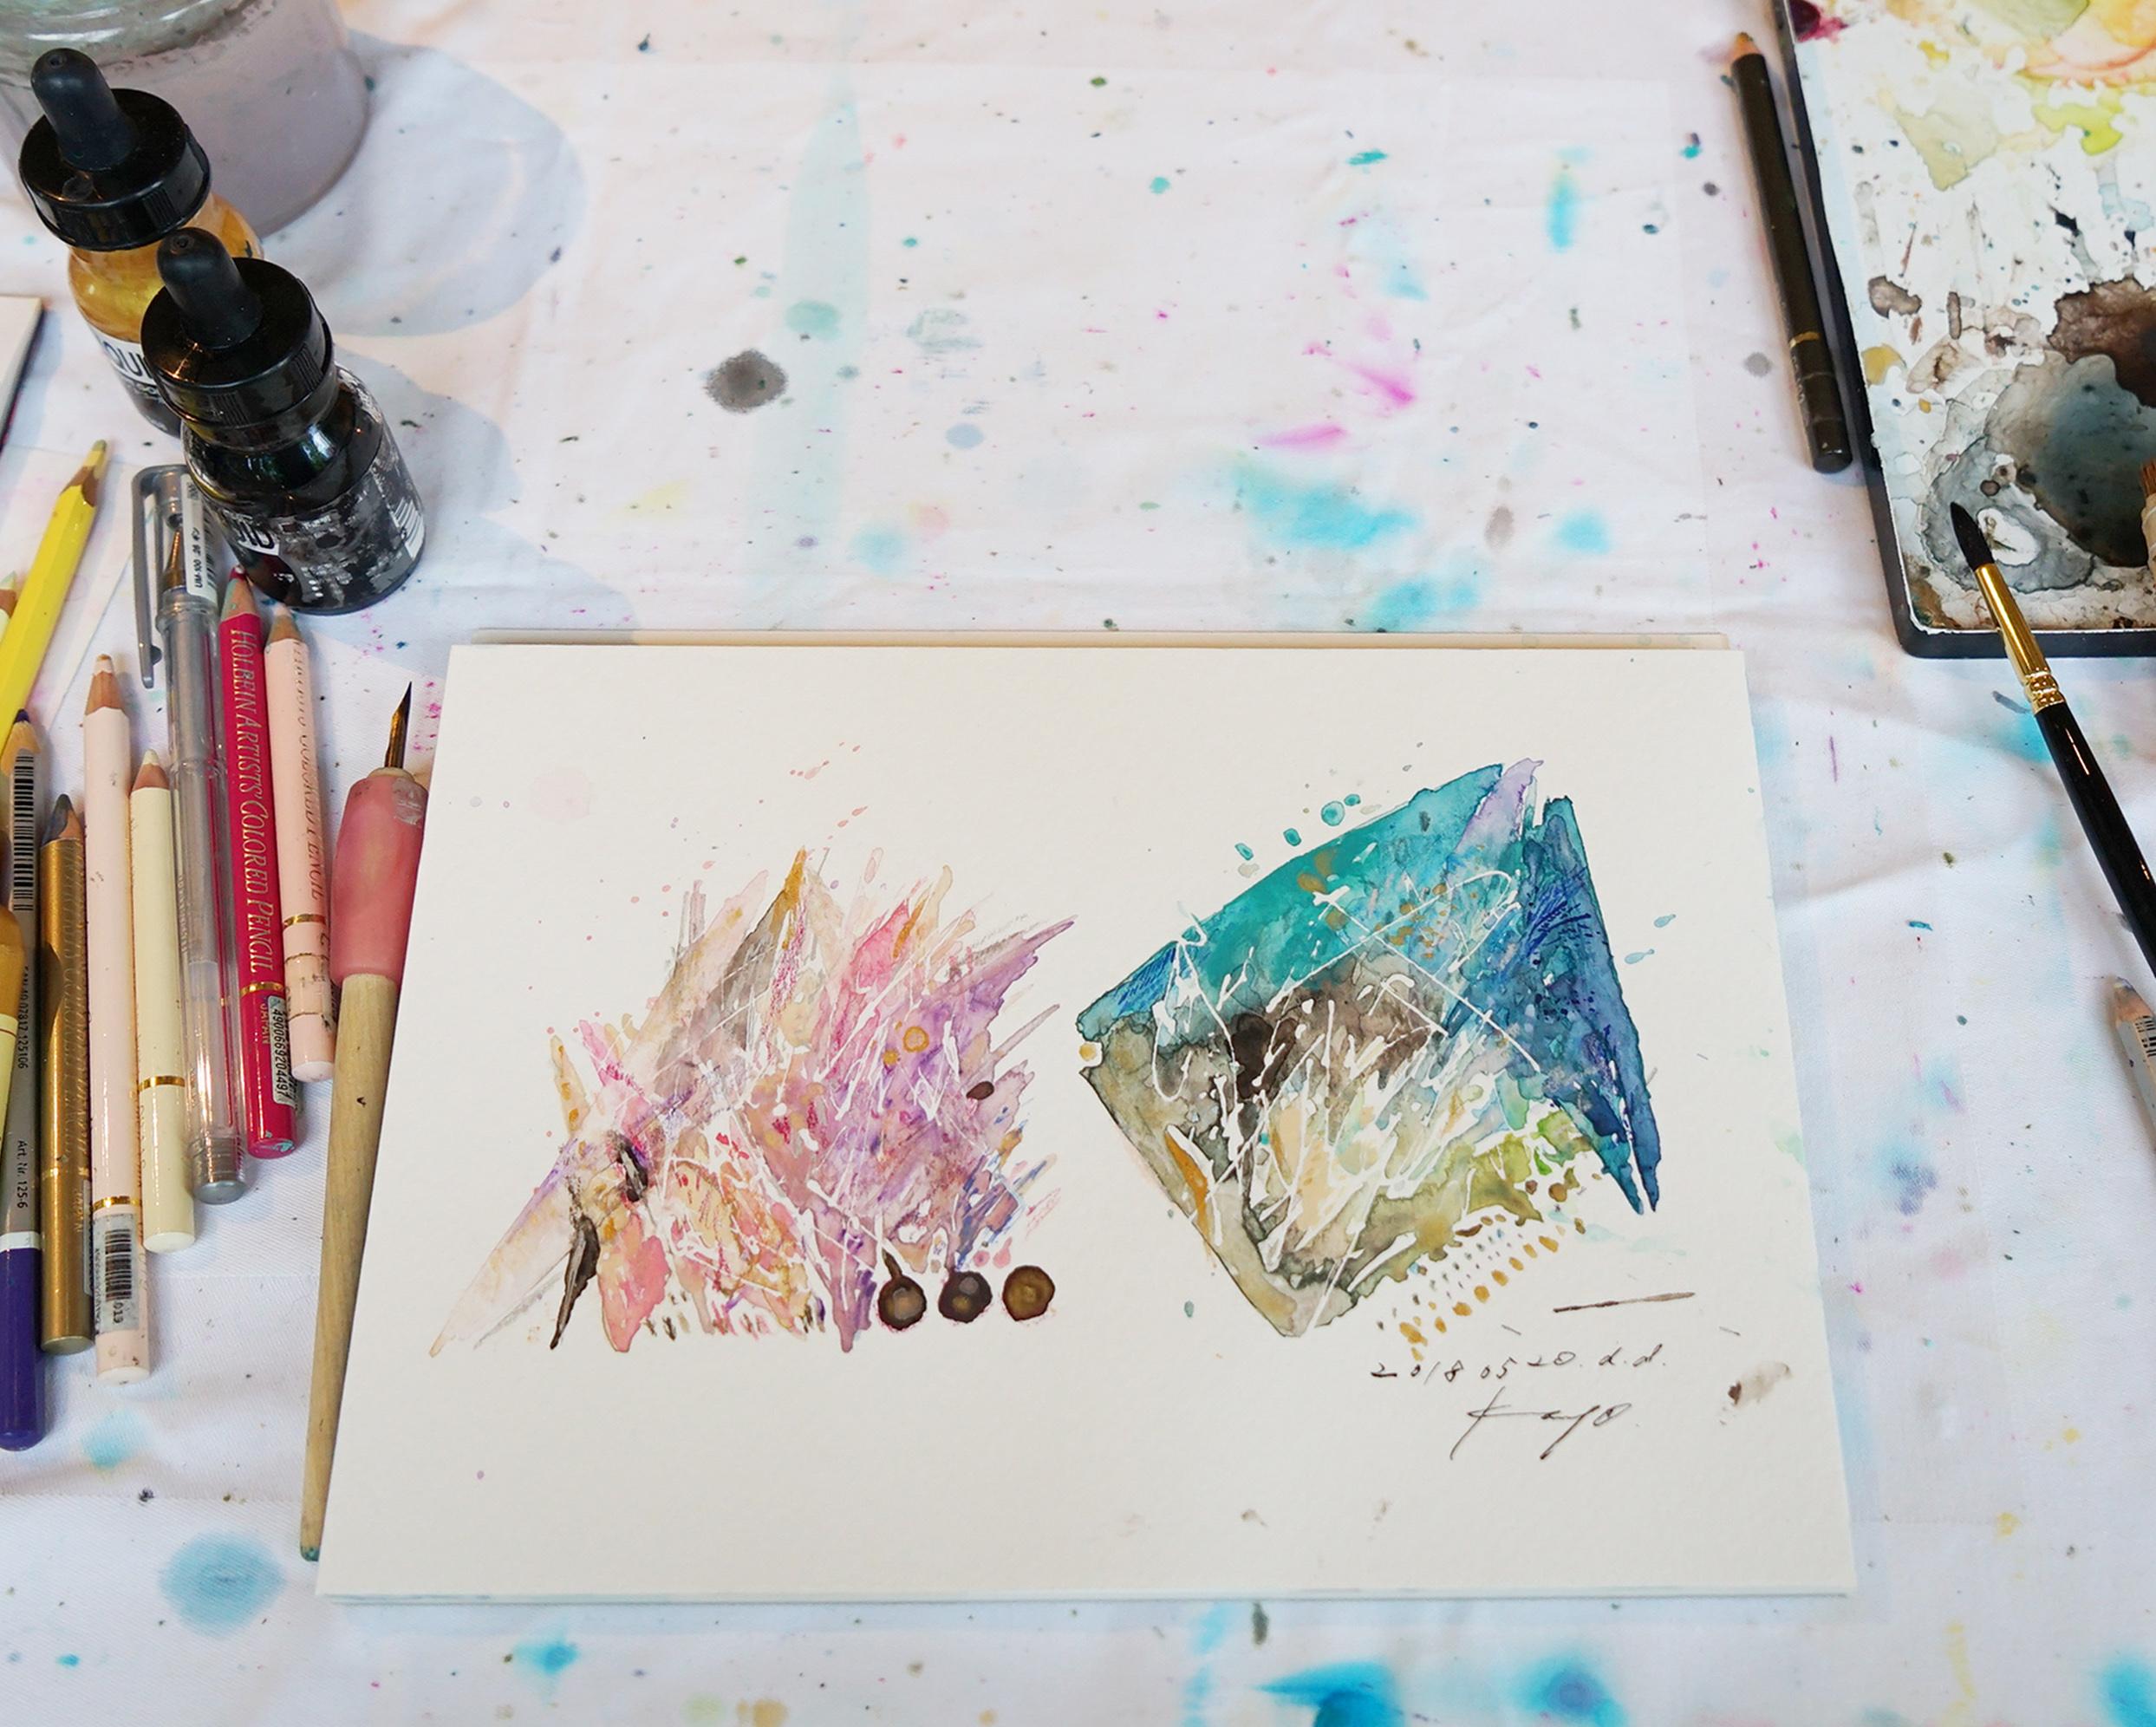 2019/02/10 野村 佳代 『対話を通して、あなただけの絵を』ライブアート